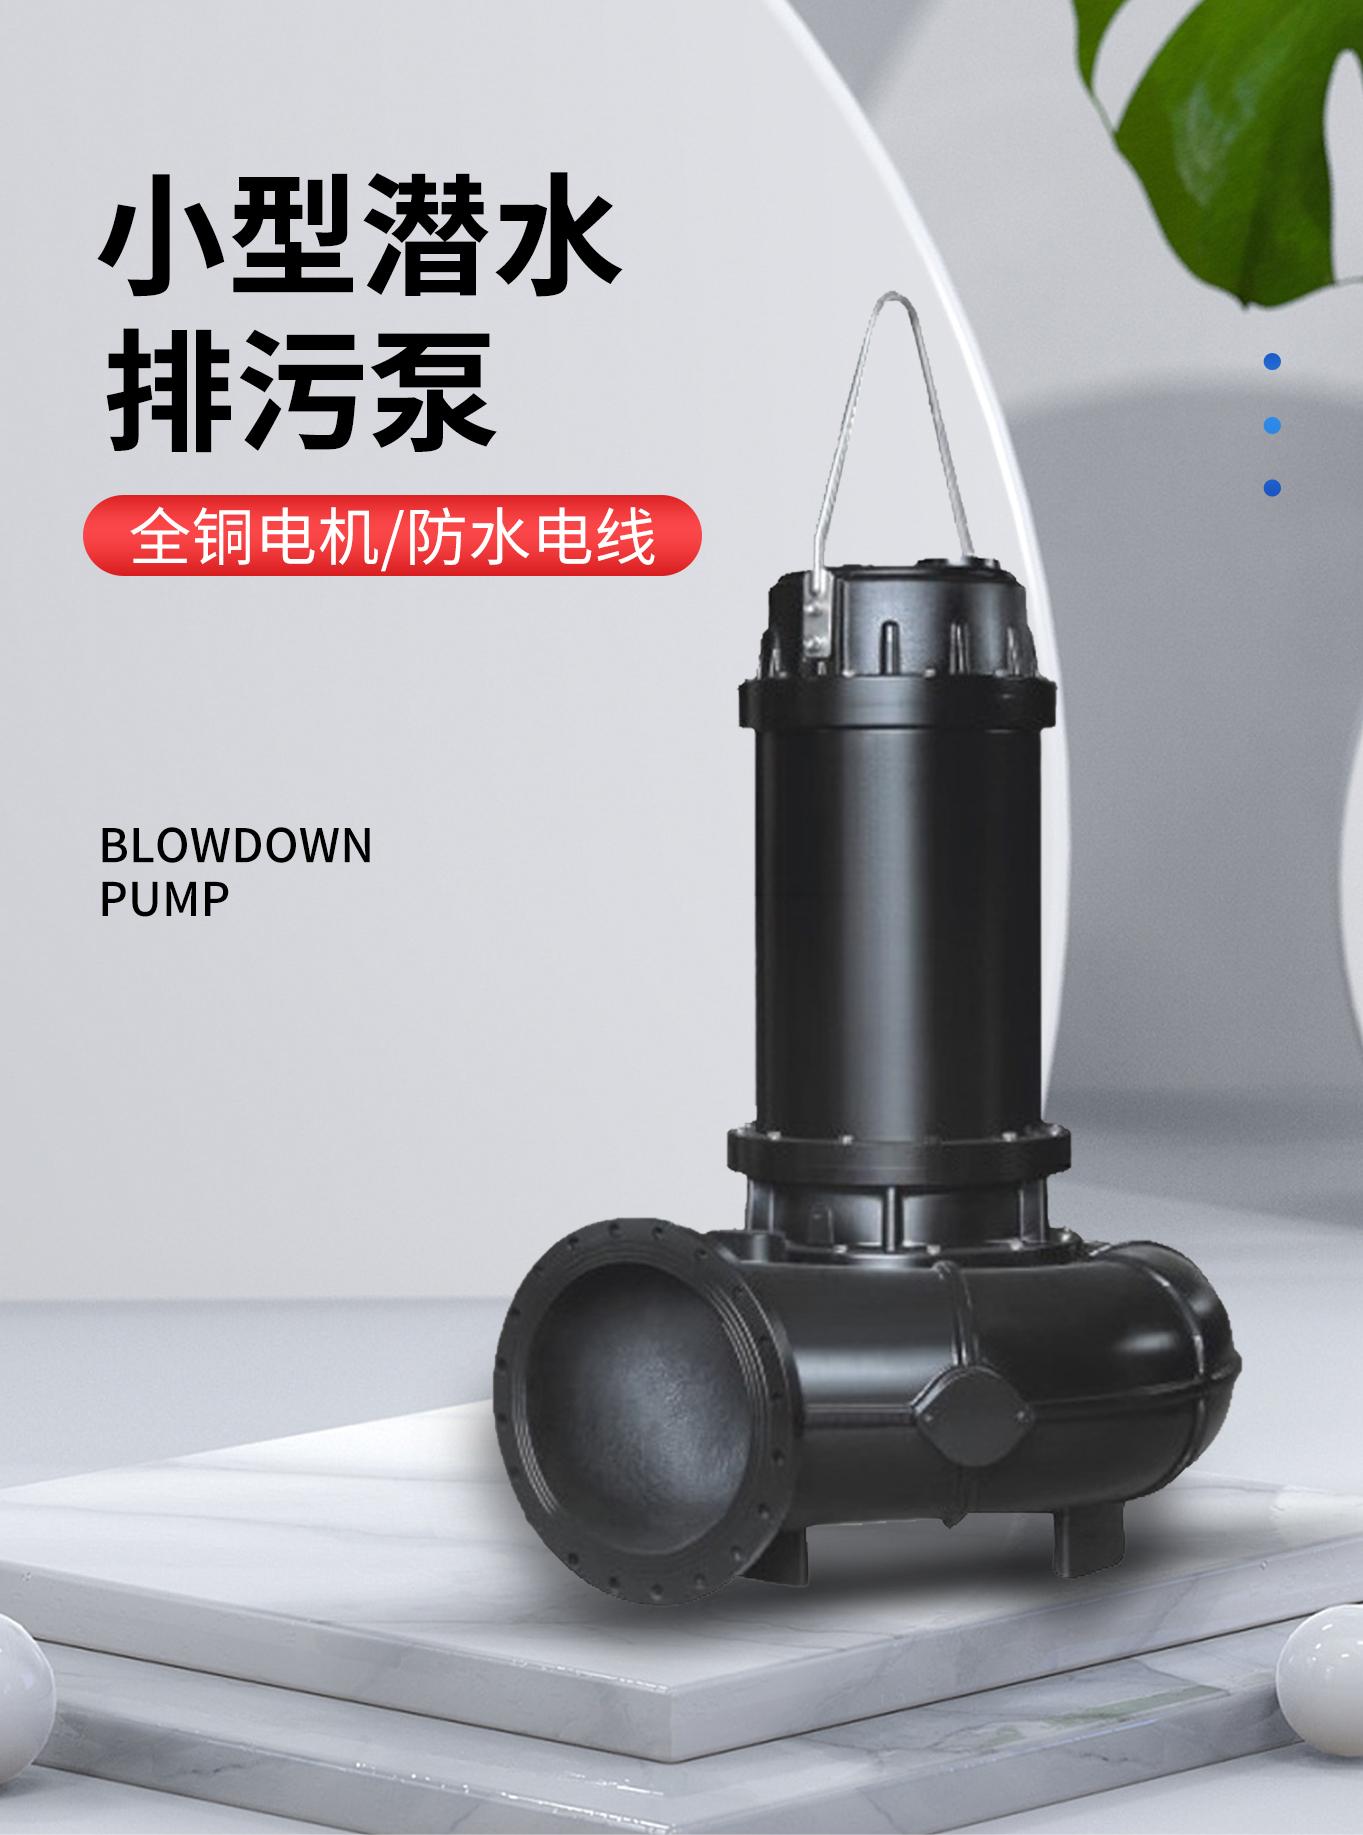 大口径潜水排污泵WQ_01.jpg